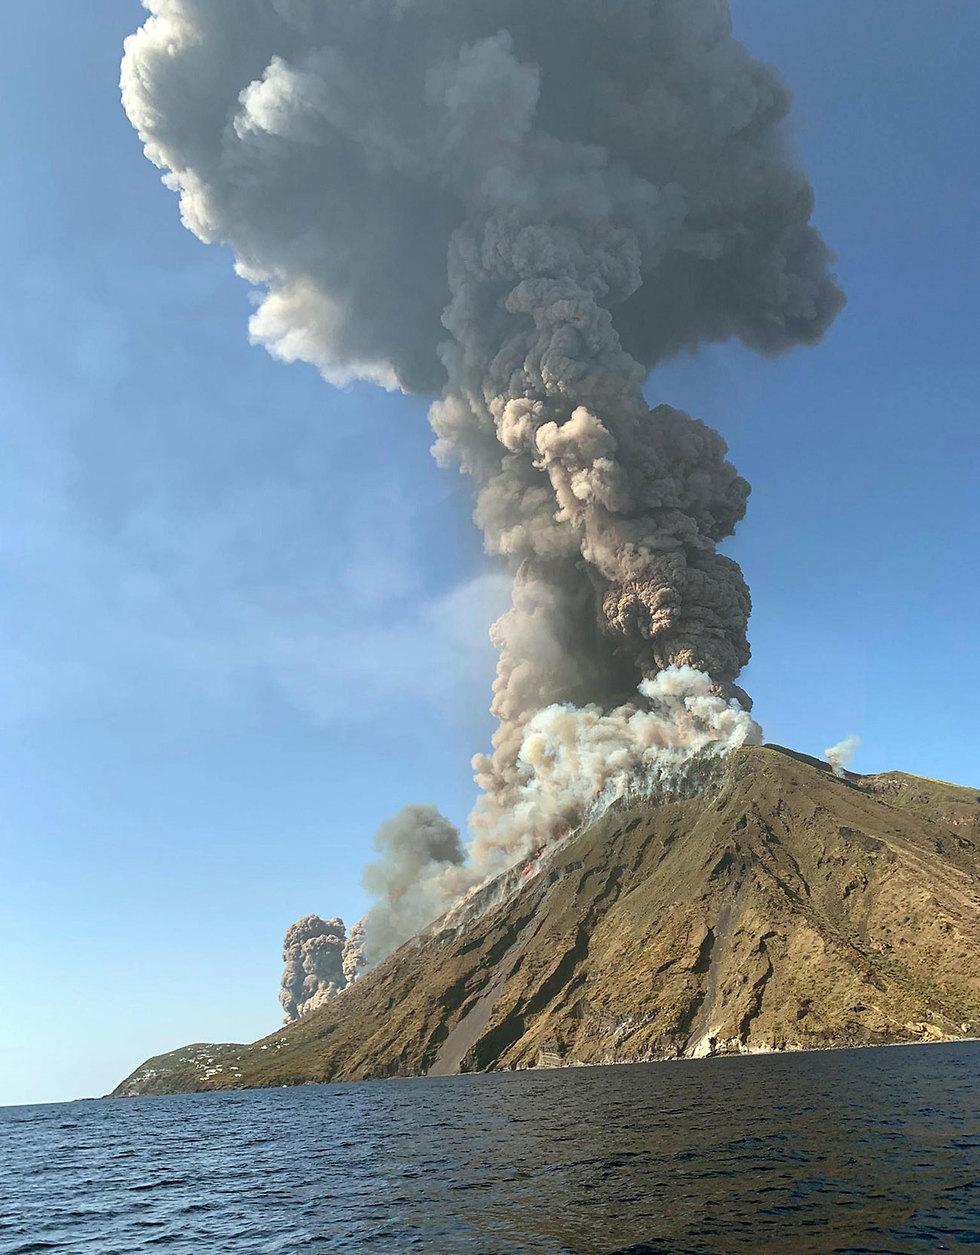 איטליה התפרצות הר געש באי סטרומבולי תייר נהרג (צילום: רויטרס)